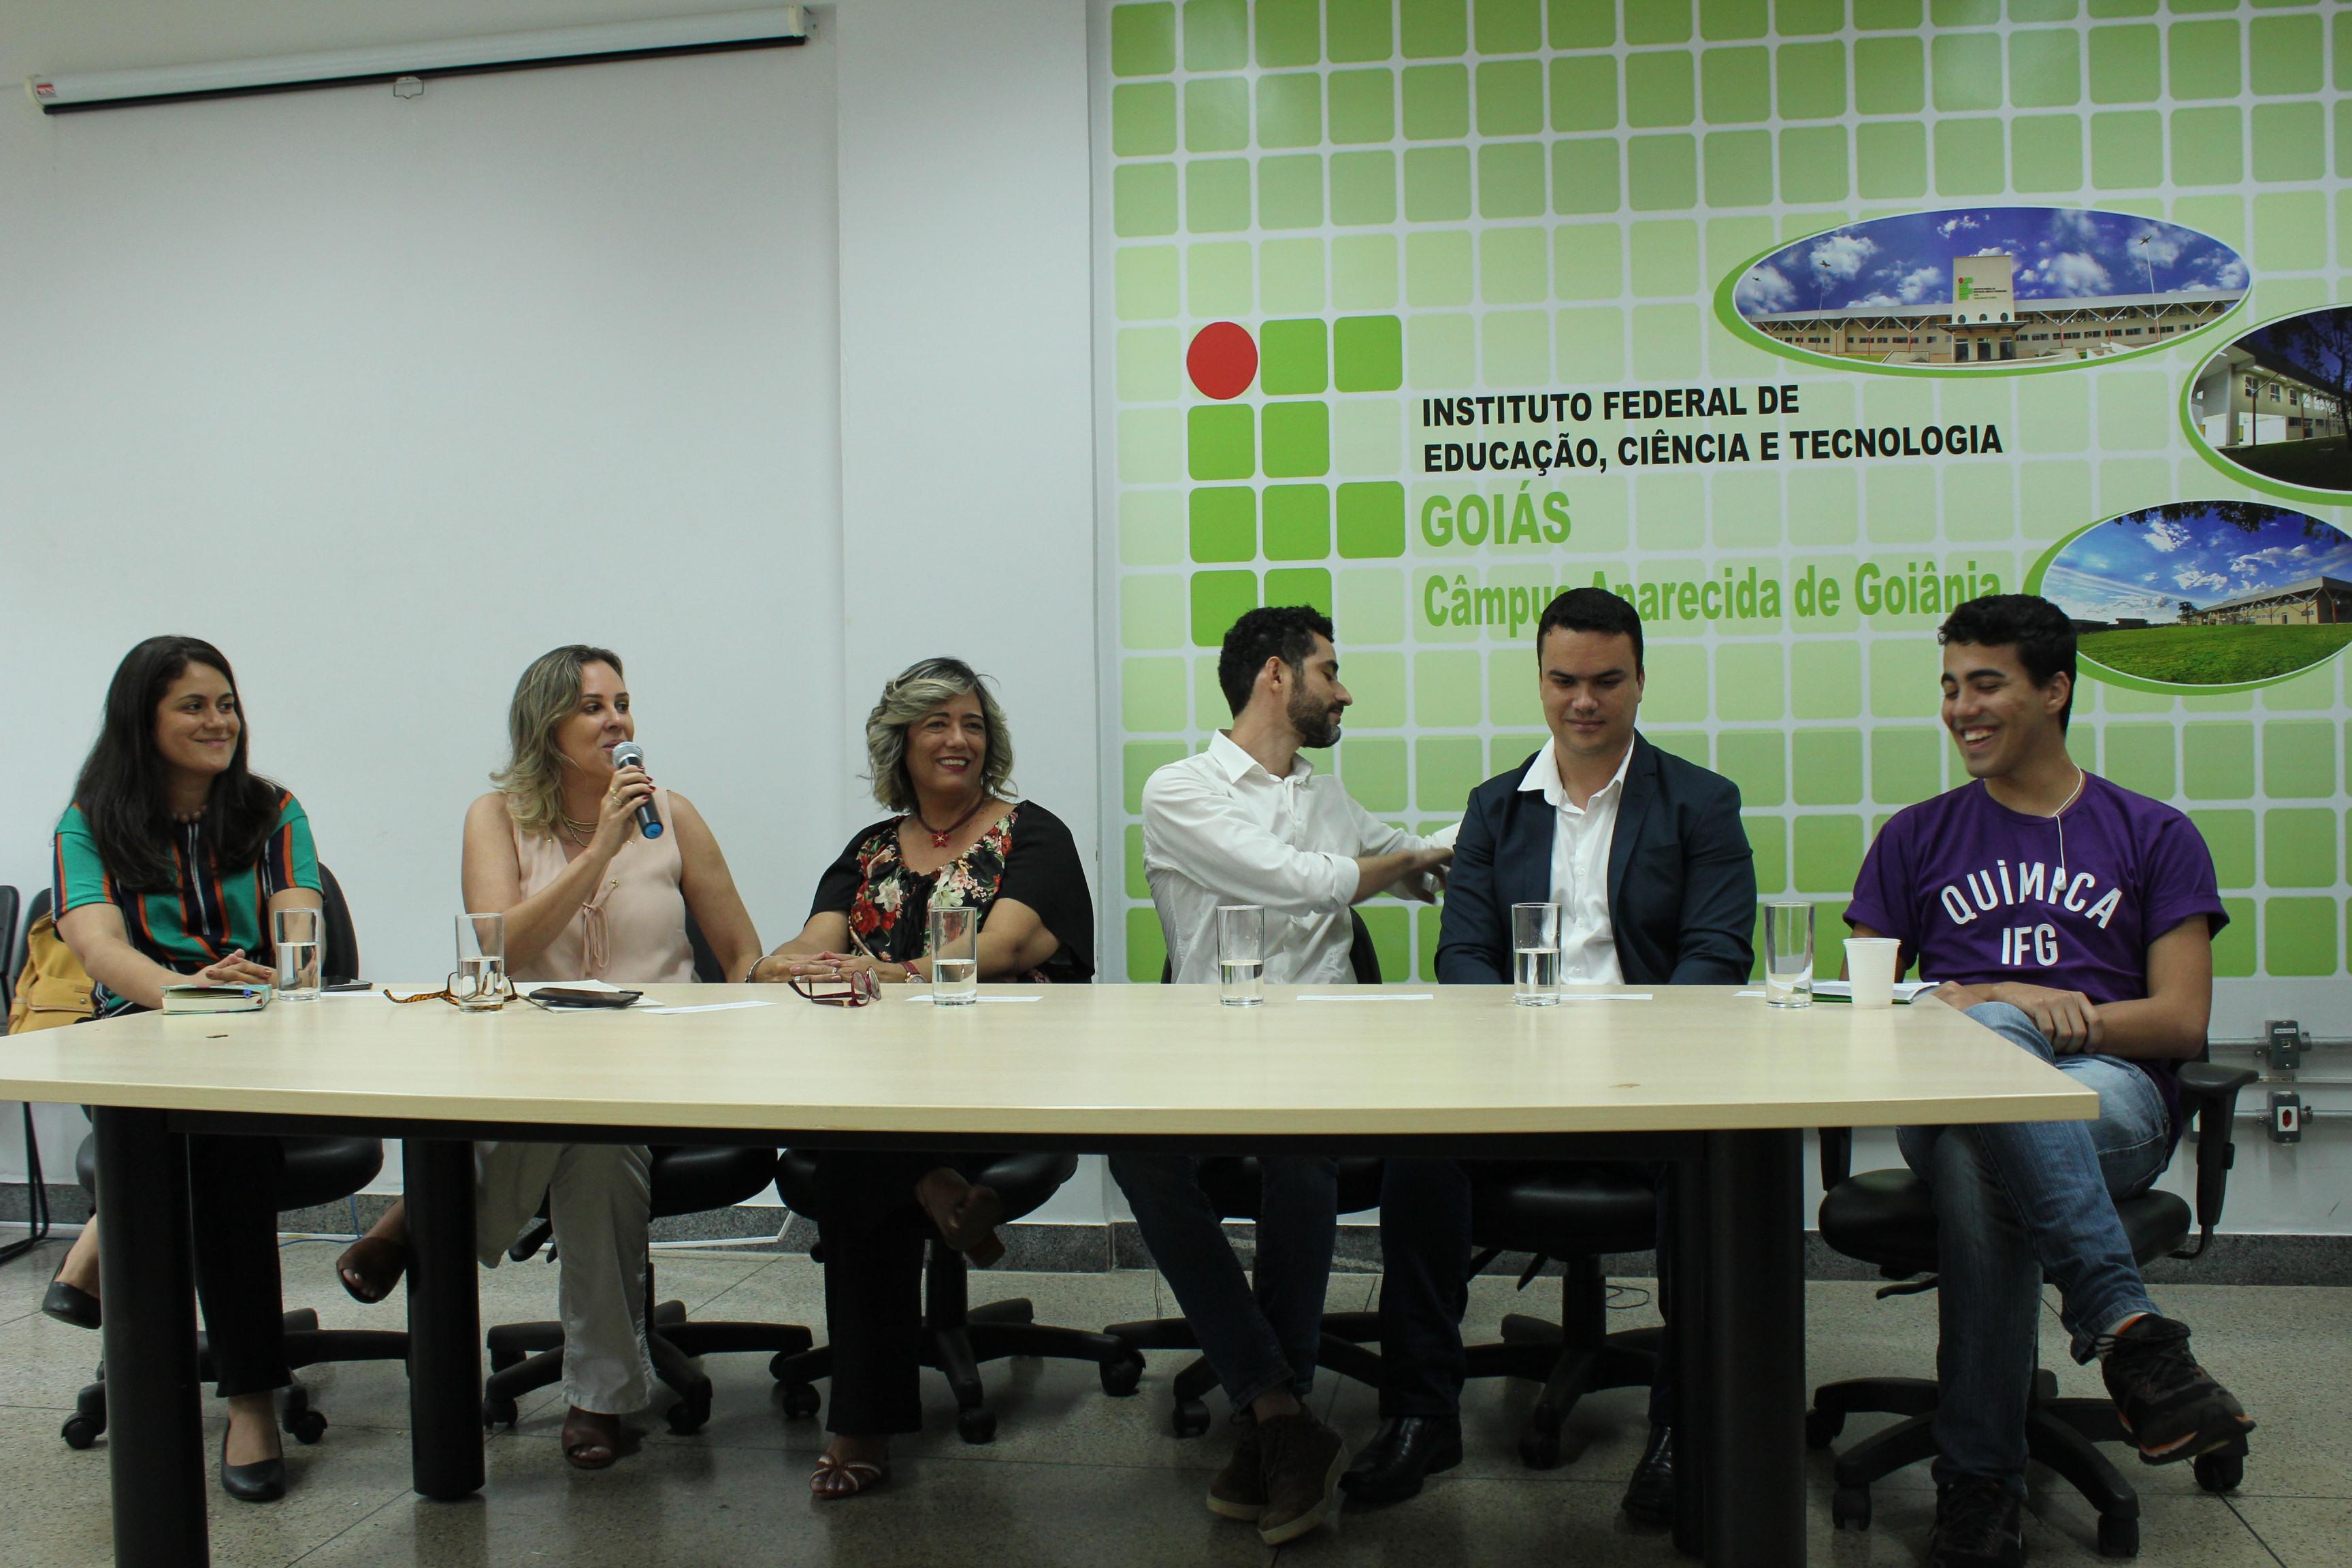 Assistência estudantil é discutida em evento no IFG